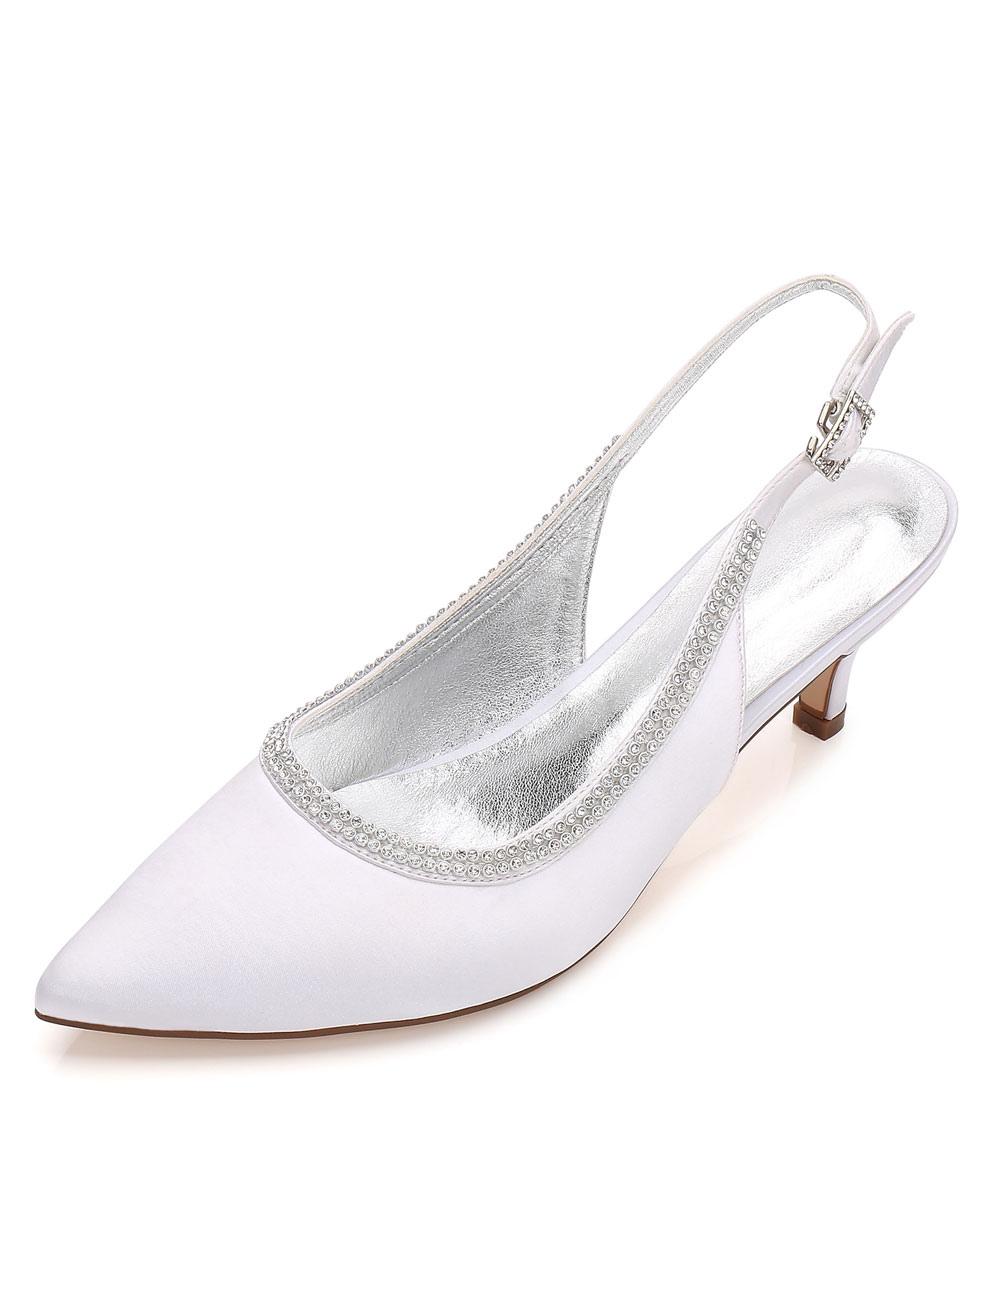 Scarpe Sposa Bianco Seta.Scarpe Da Sposa Per La Festa Di Matrimonio Seta E Raso Tacco Basso